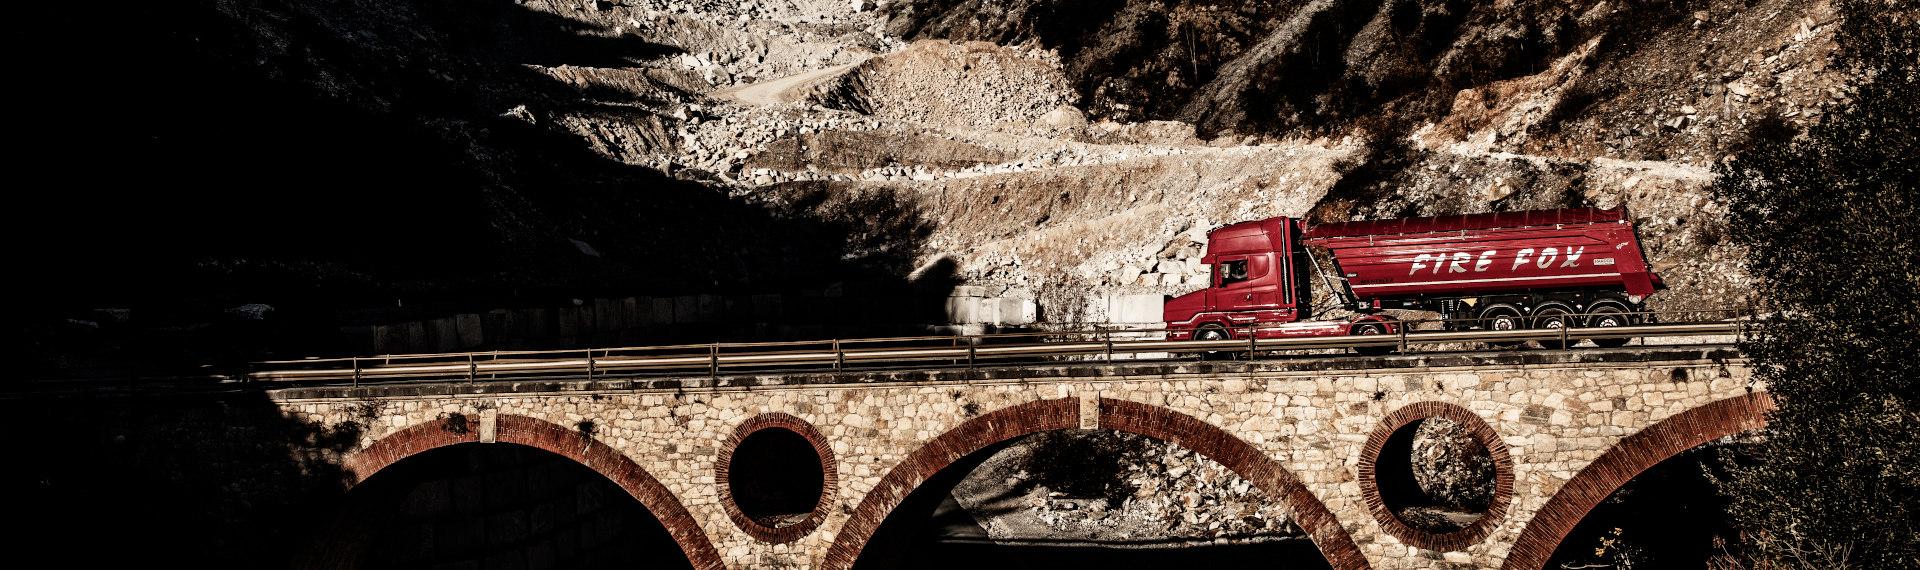 En klarröd Fire Fox-lastbil, tillverkad i Hardox 500 Tuf stålplåt, korsar en bro